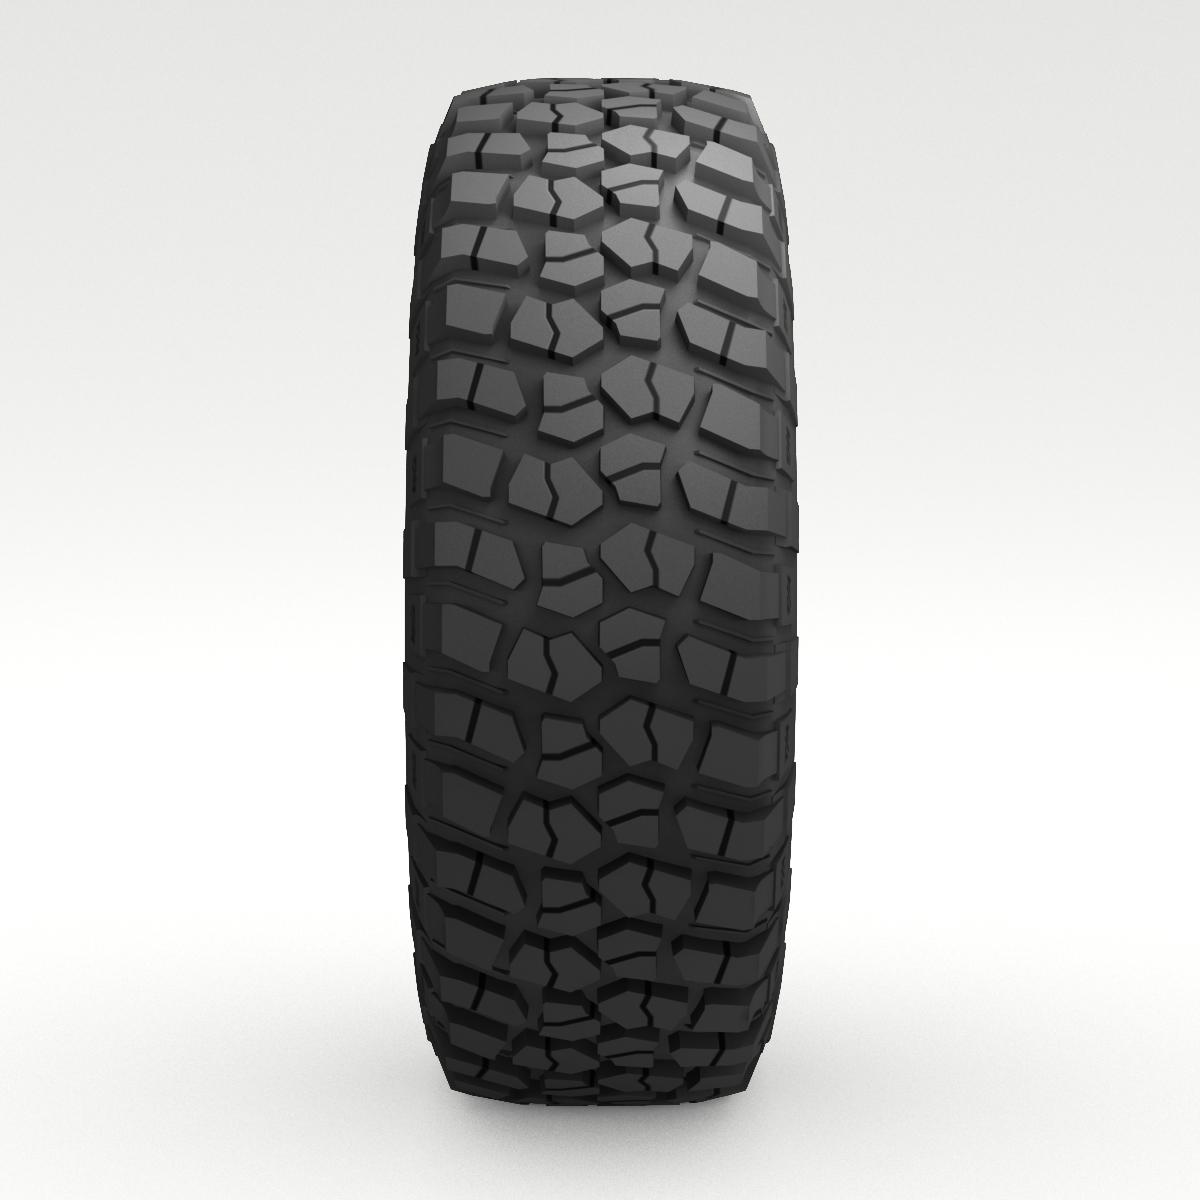 Off Road wheel and tire 6 3d model 3ds max fbx obj 273554